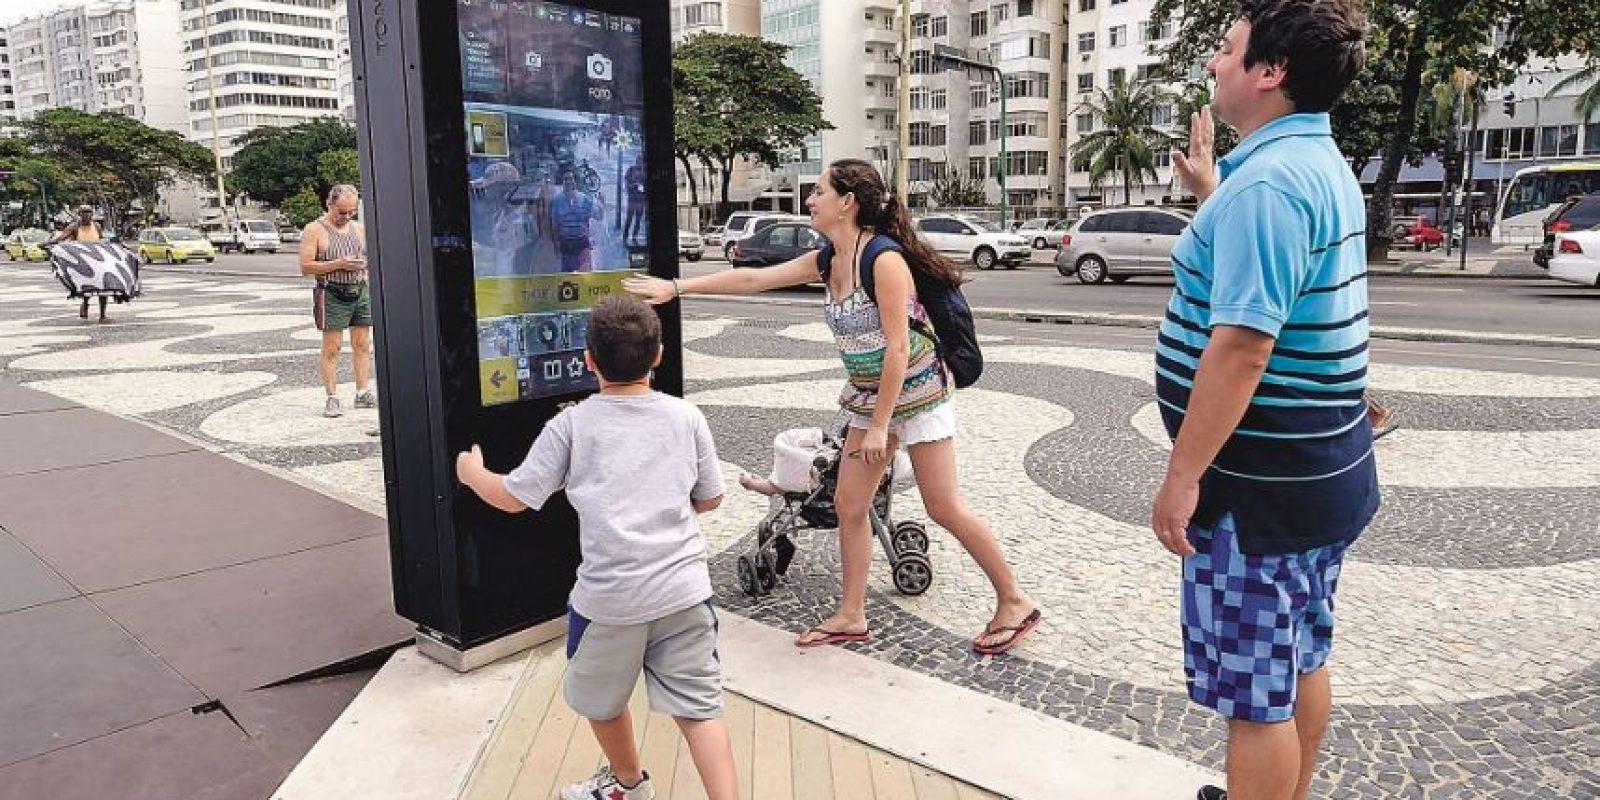 Una familia de argentinos no logró enviar fotos tomadas en el dispositivo. Foto:Metro Río